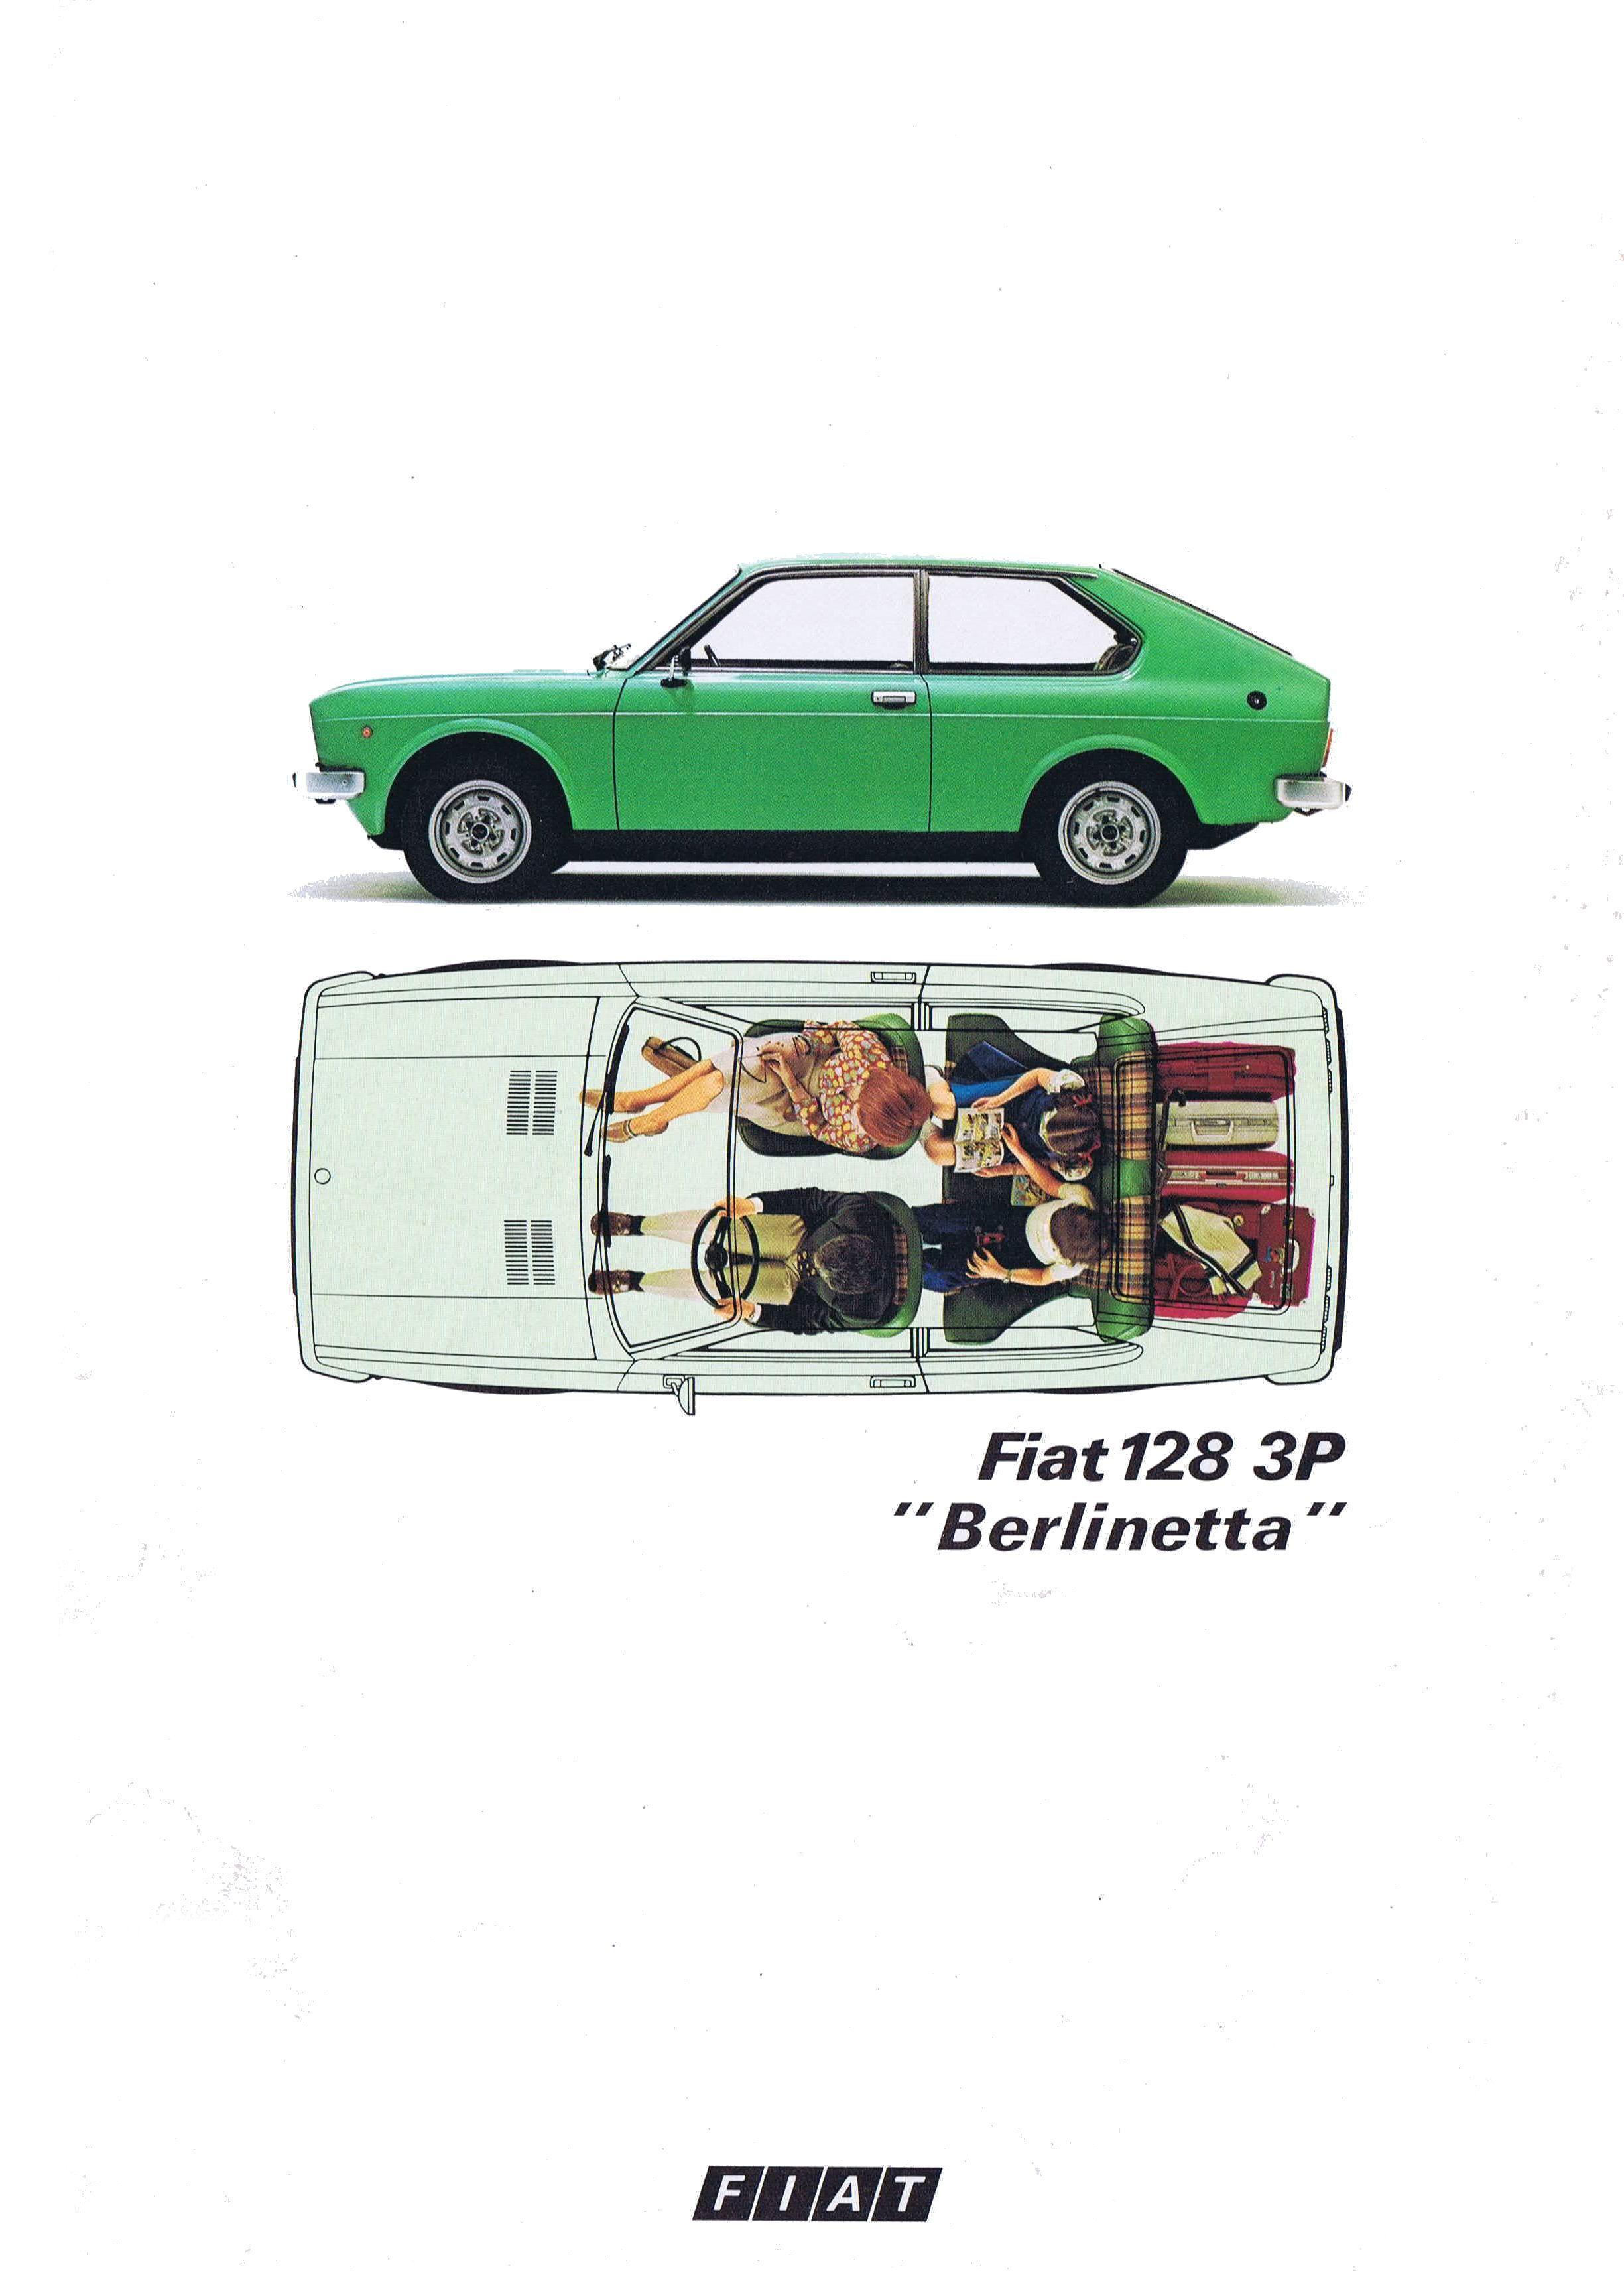 Fiat 128 01 Jpg 2449 3424 Fiat 128 Fiat Car Brochure